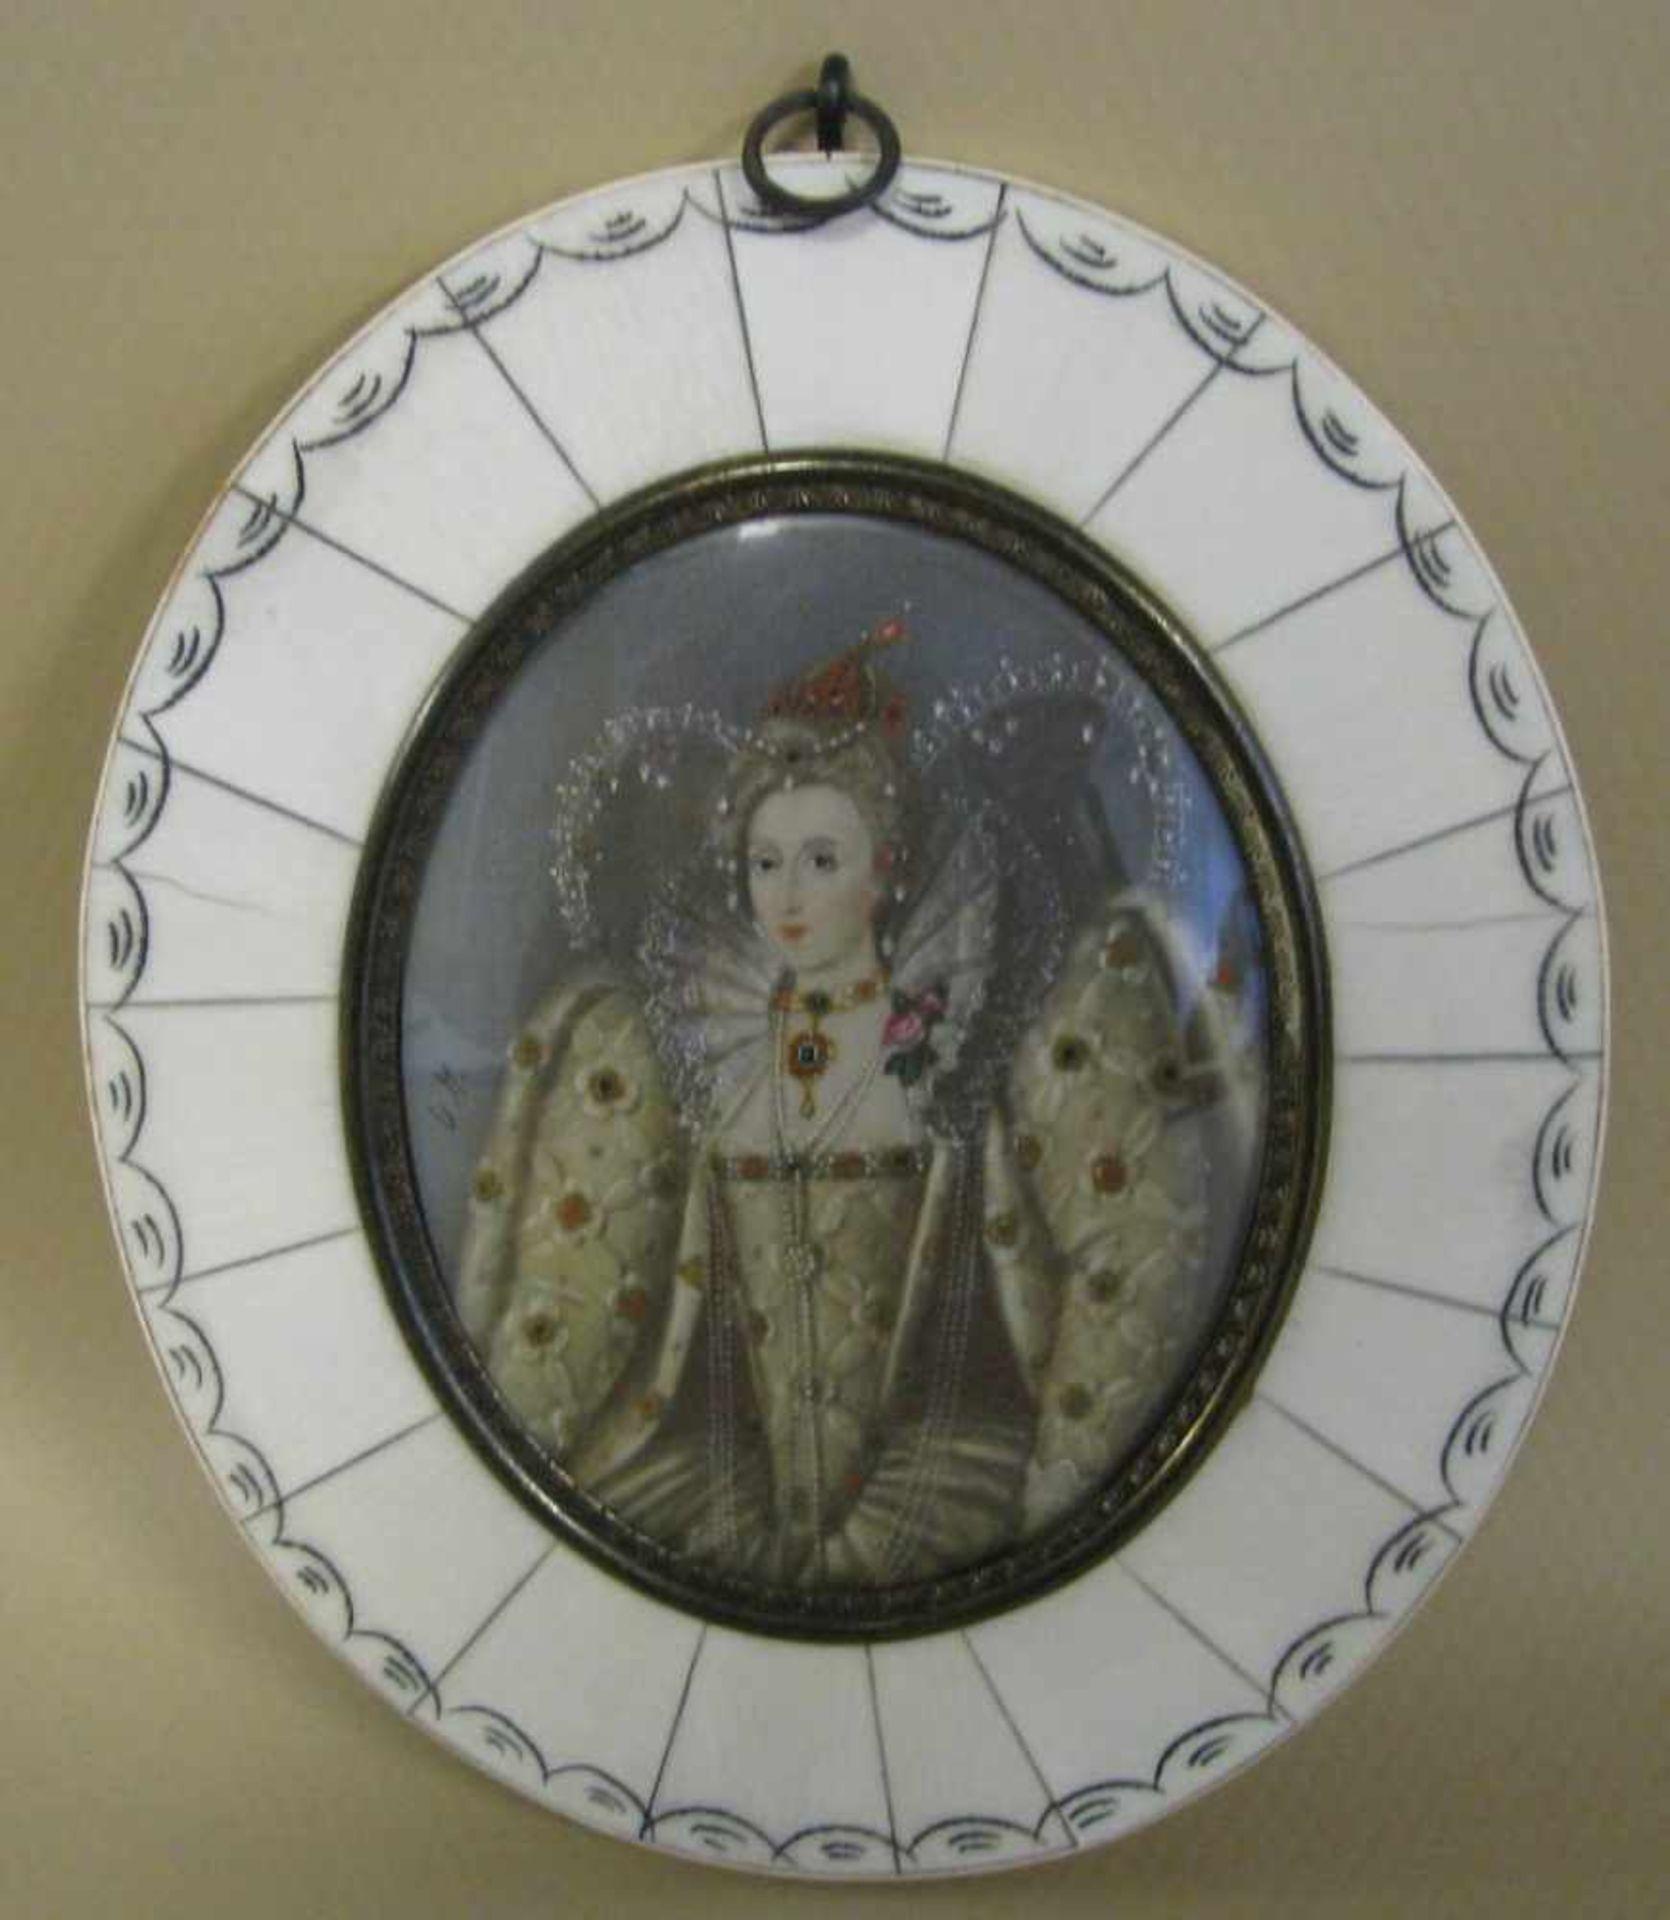 Miniatur im Rahmen, 'Elisabeth I.', monogr. 'U.M.', 13 x 11 cm.